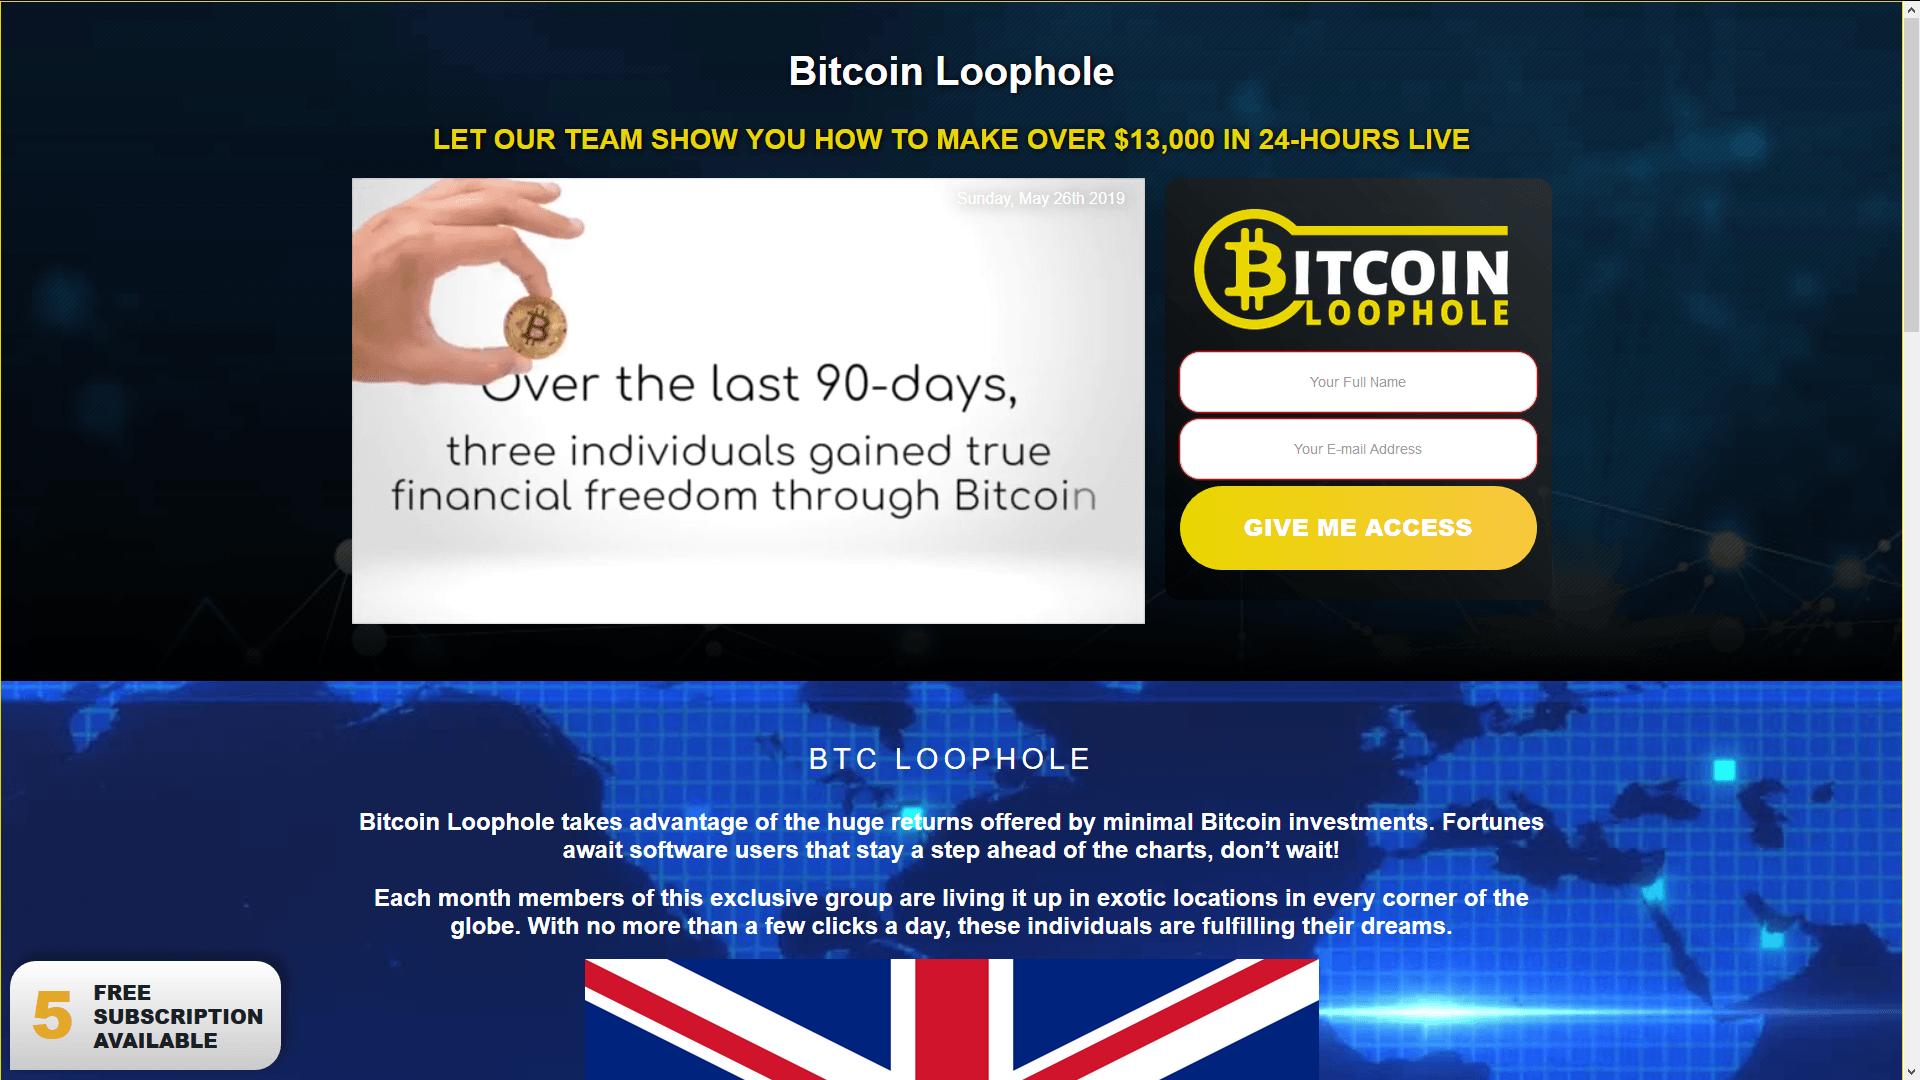 commercio bitcoin per ondulazione)